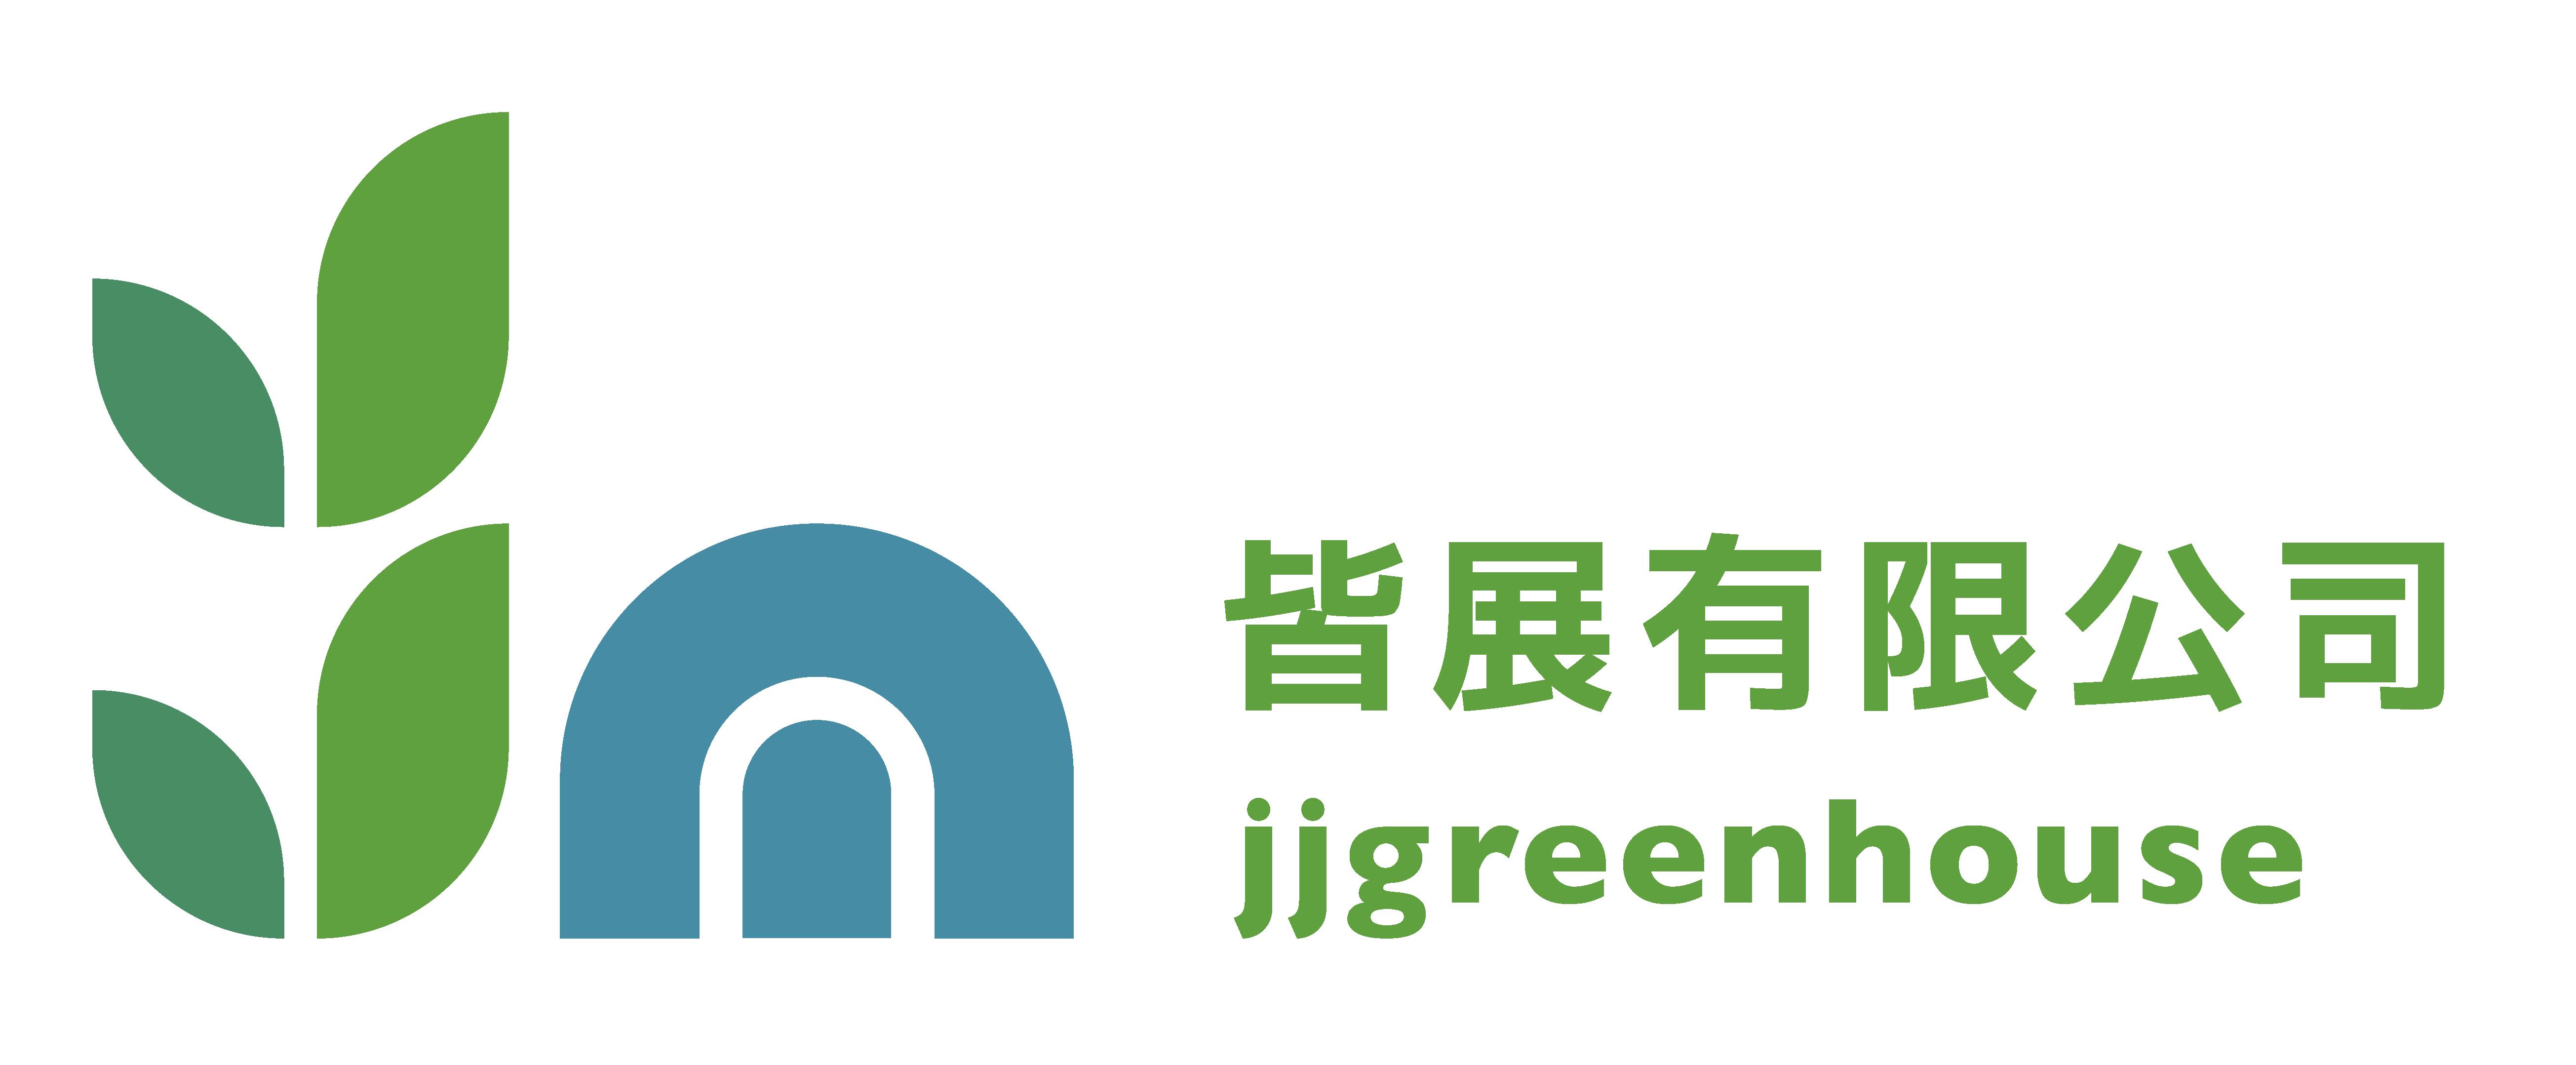 溫室設備安裝丶工程